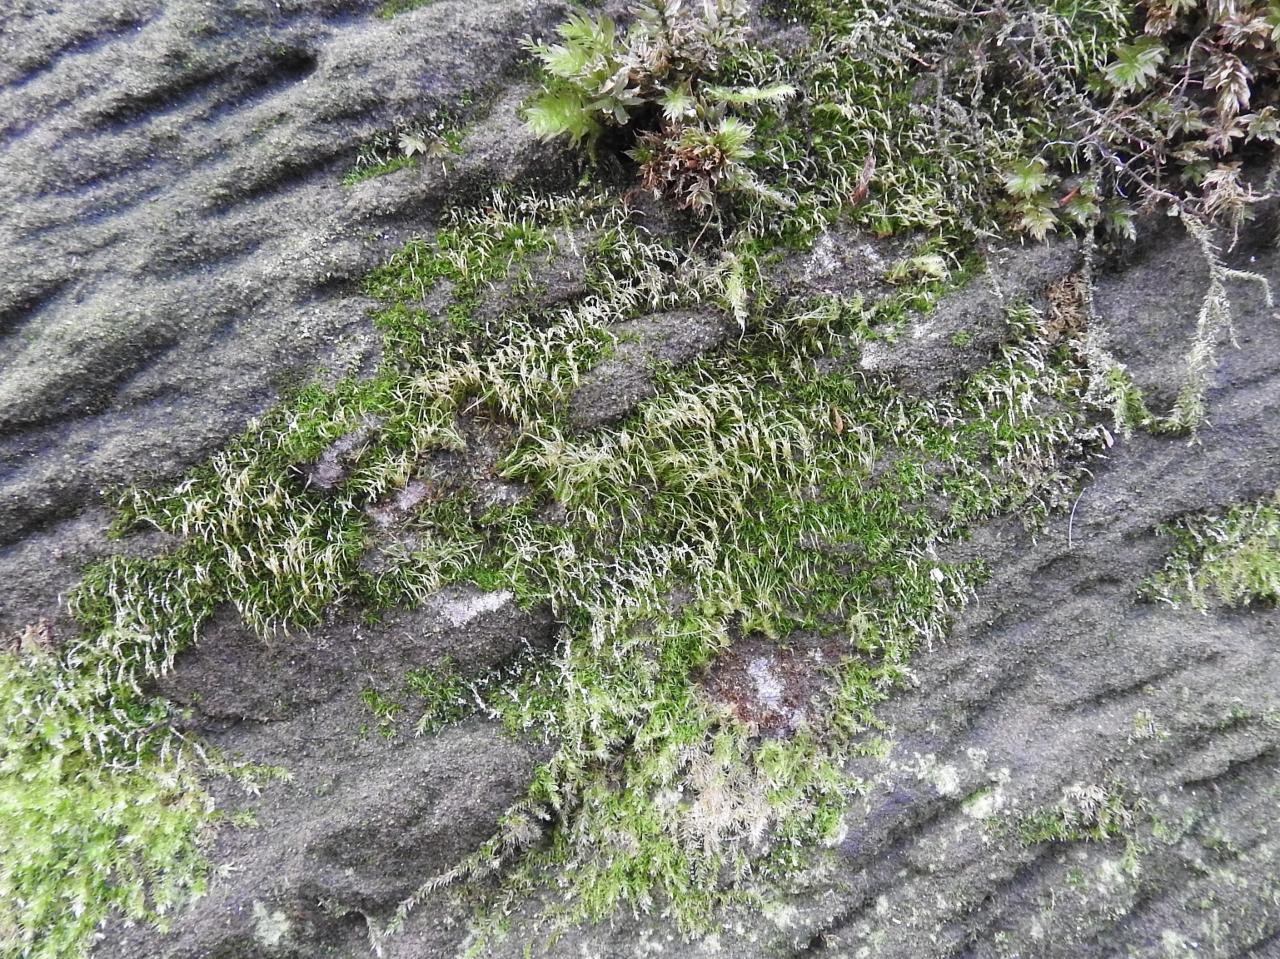 Seligeria recurvata (door Annemiek Meus)